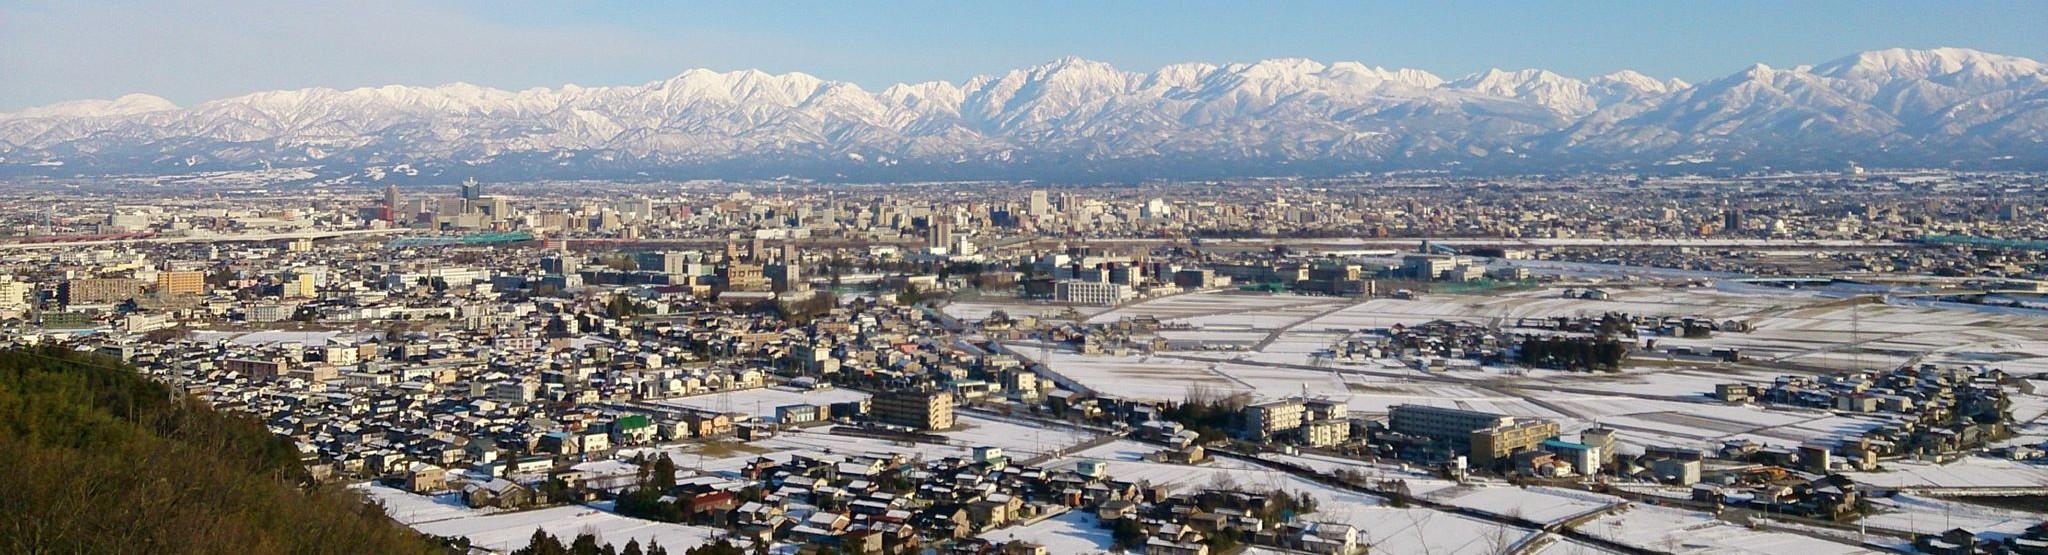 富山市 - LocalWiki